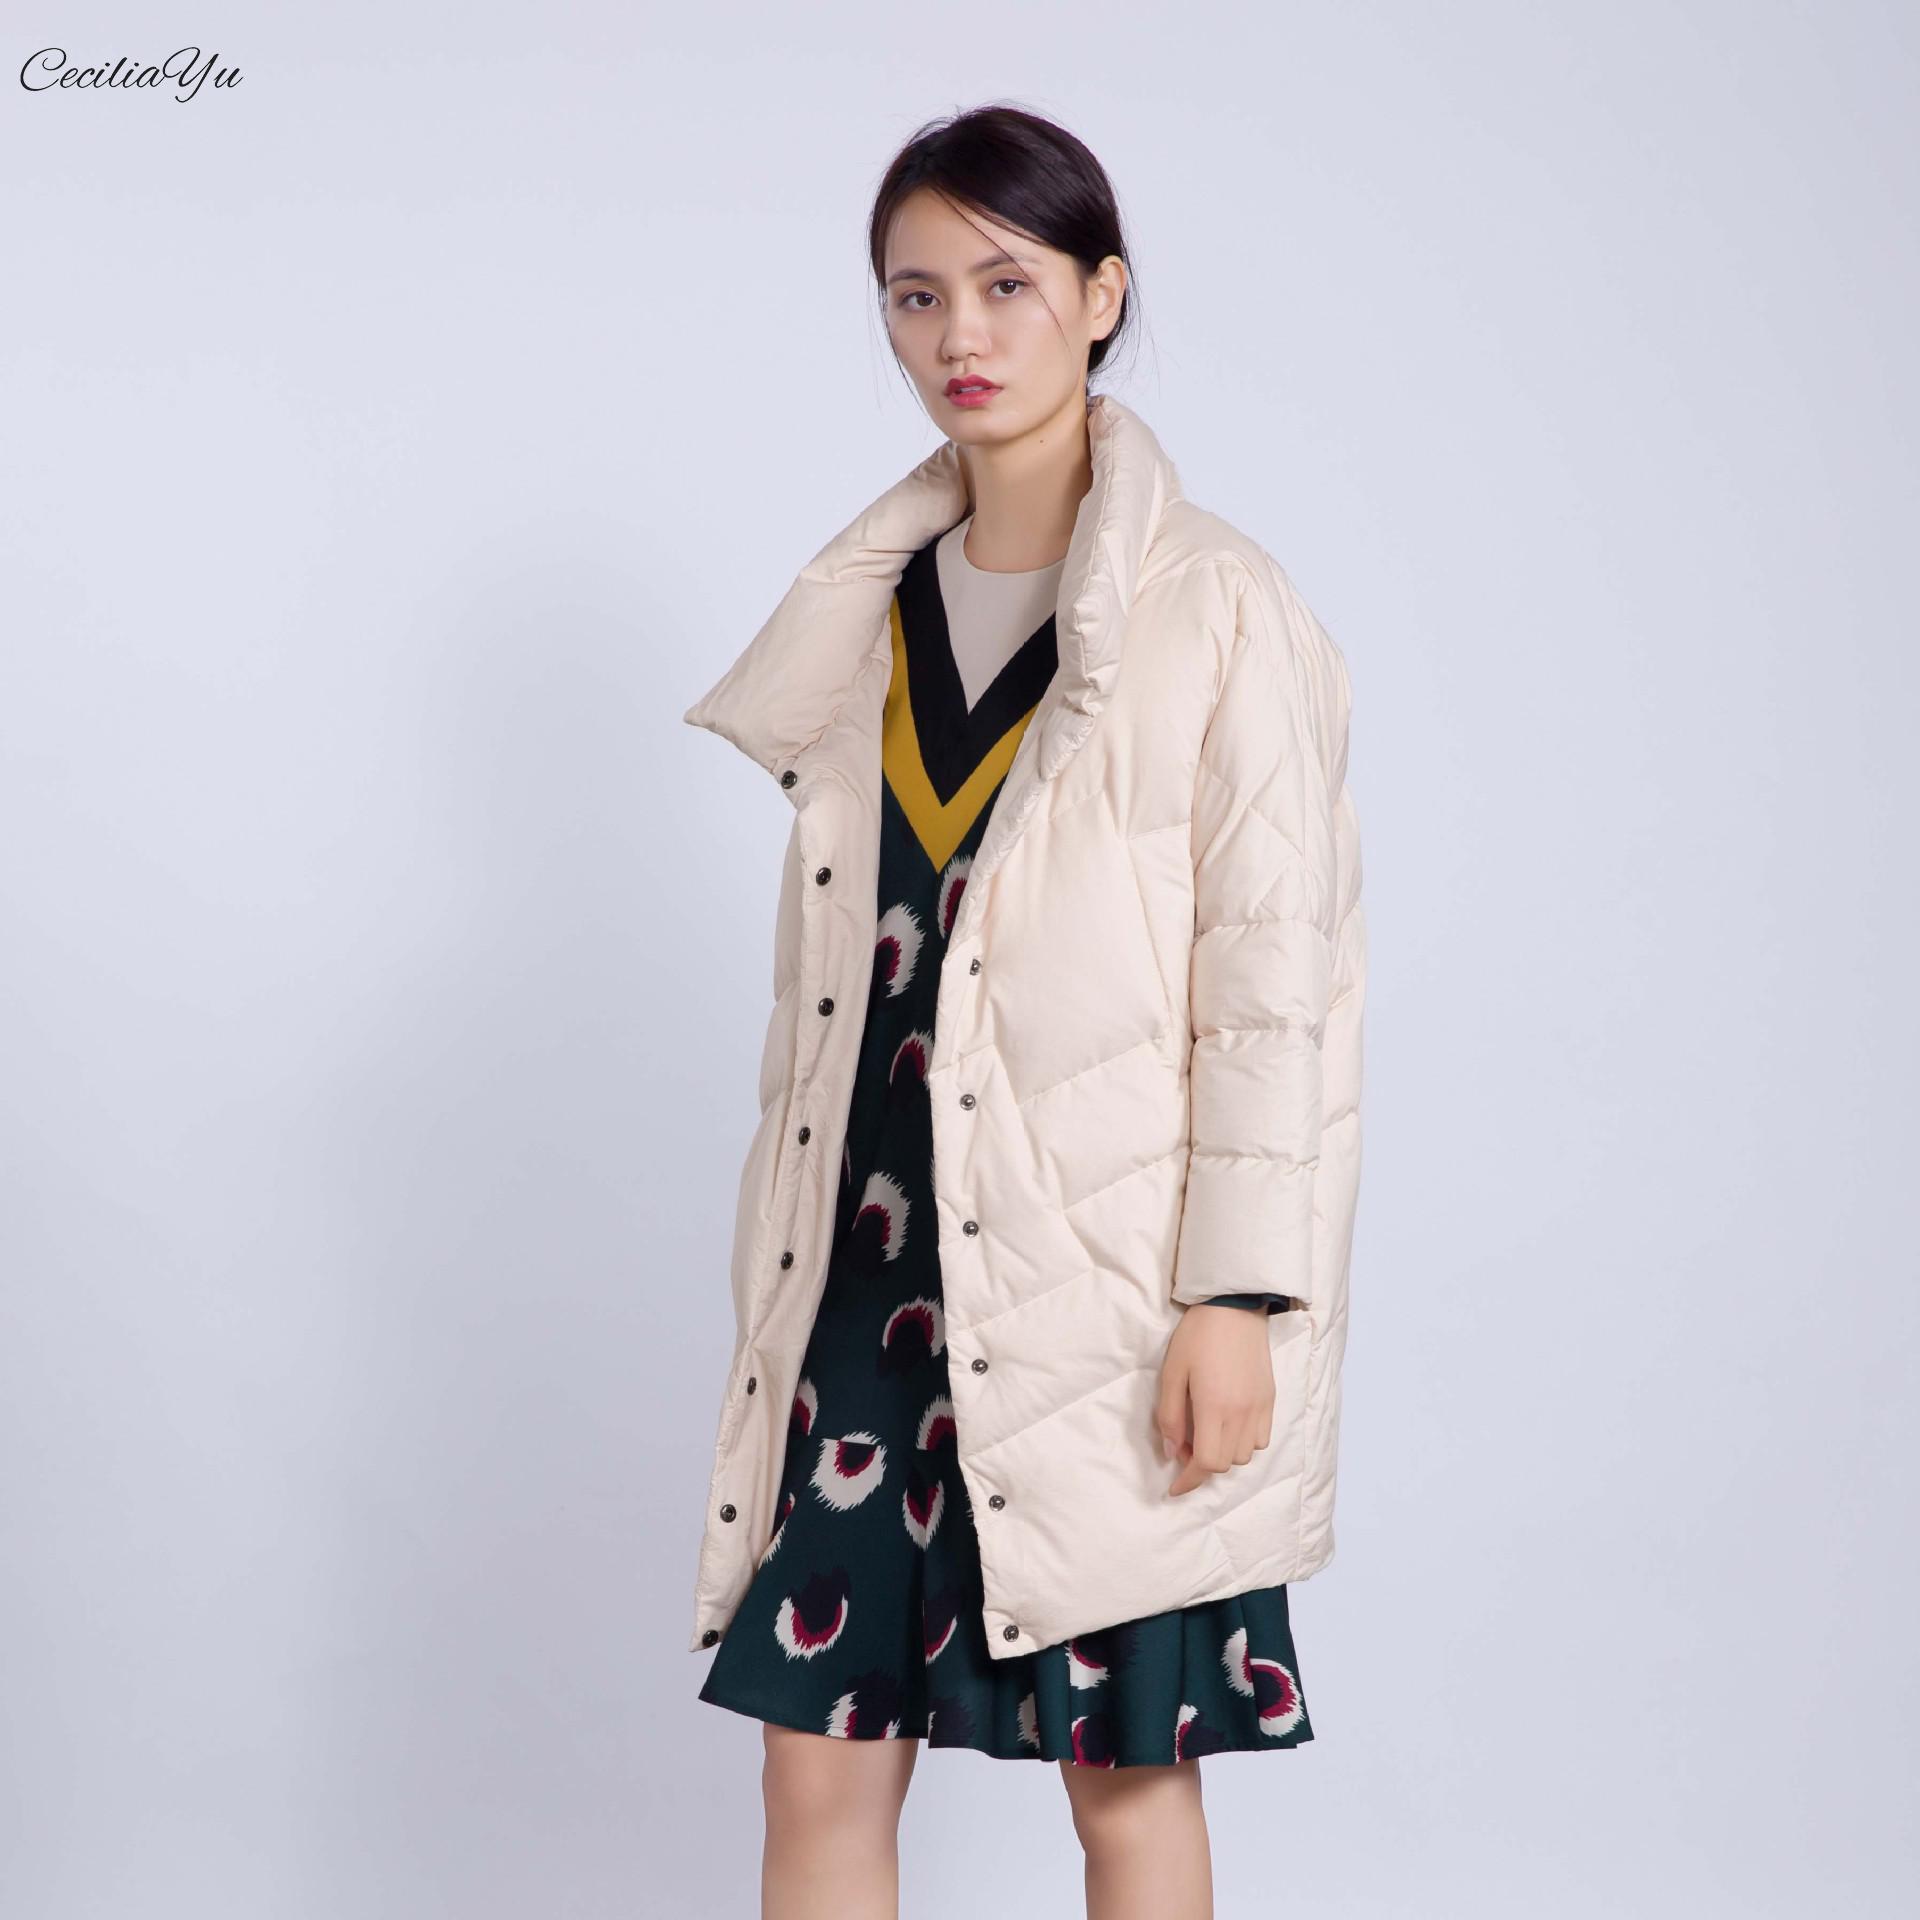 2018 Vers Service De À noir Beige Mode Style Le Porter Géométrique Et Ceciliayu Manteau Nouveau Bas Vêtement Facile Japonais D'hiver Automne Femmes SxaKwd